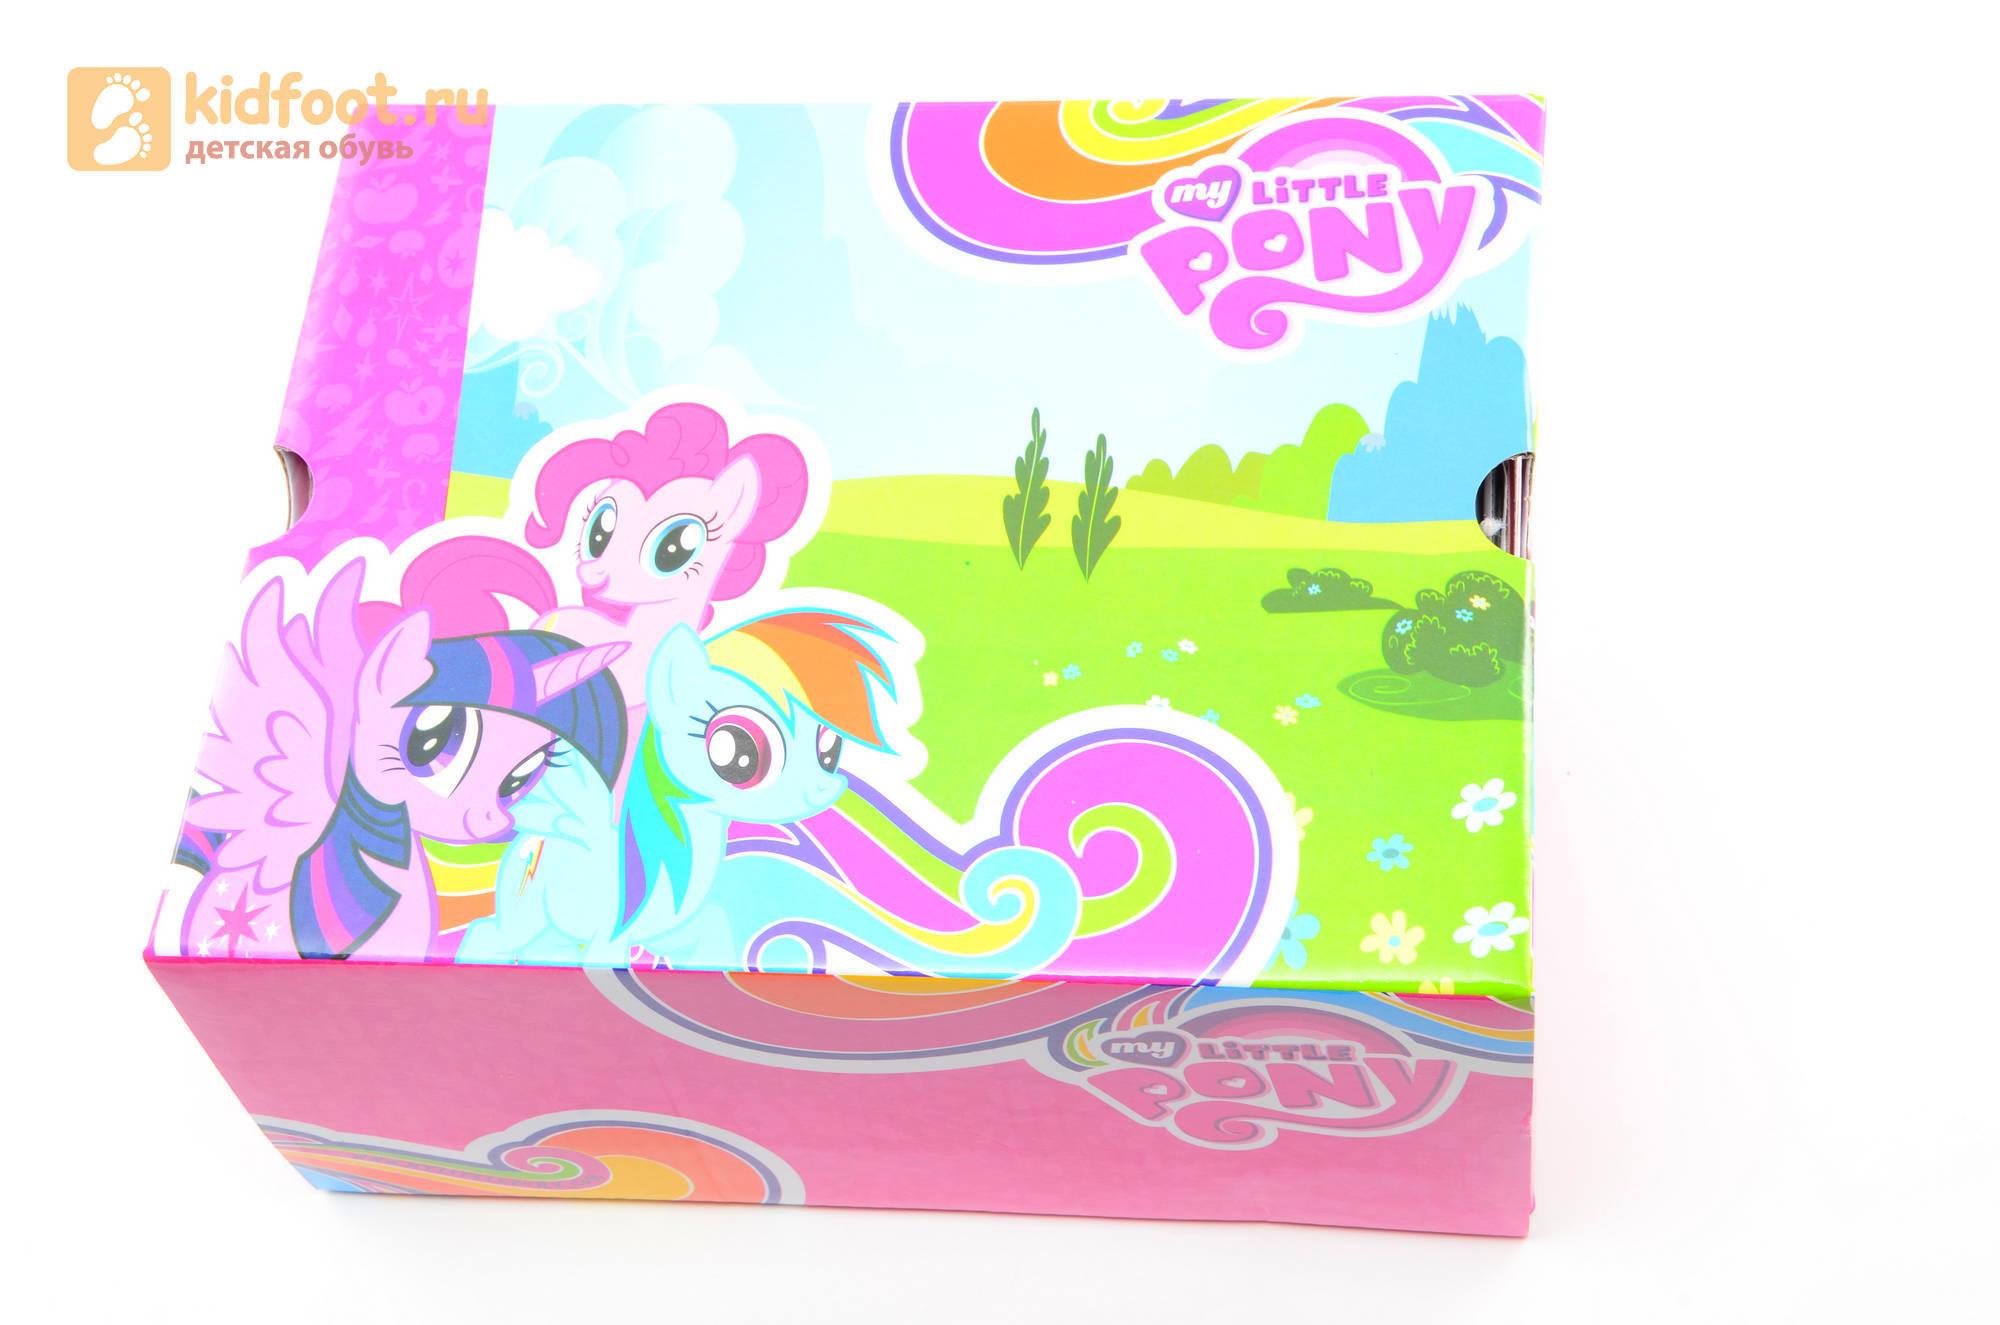 Светящиеся кроссовки для девочек Пони (My Little Pony) на липучках, цвет сиреневый, мигает картинка сбоку,  5873B